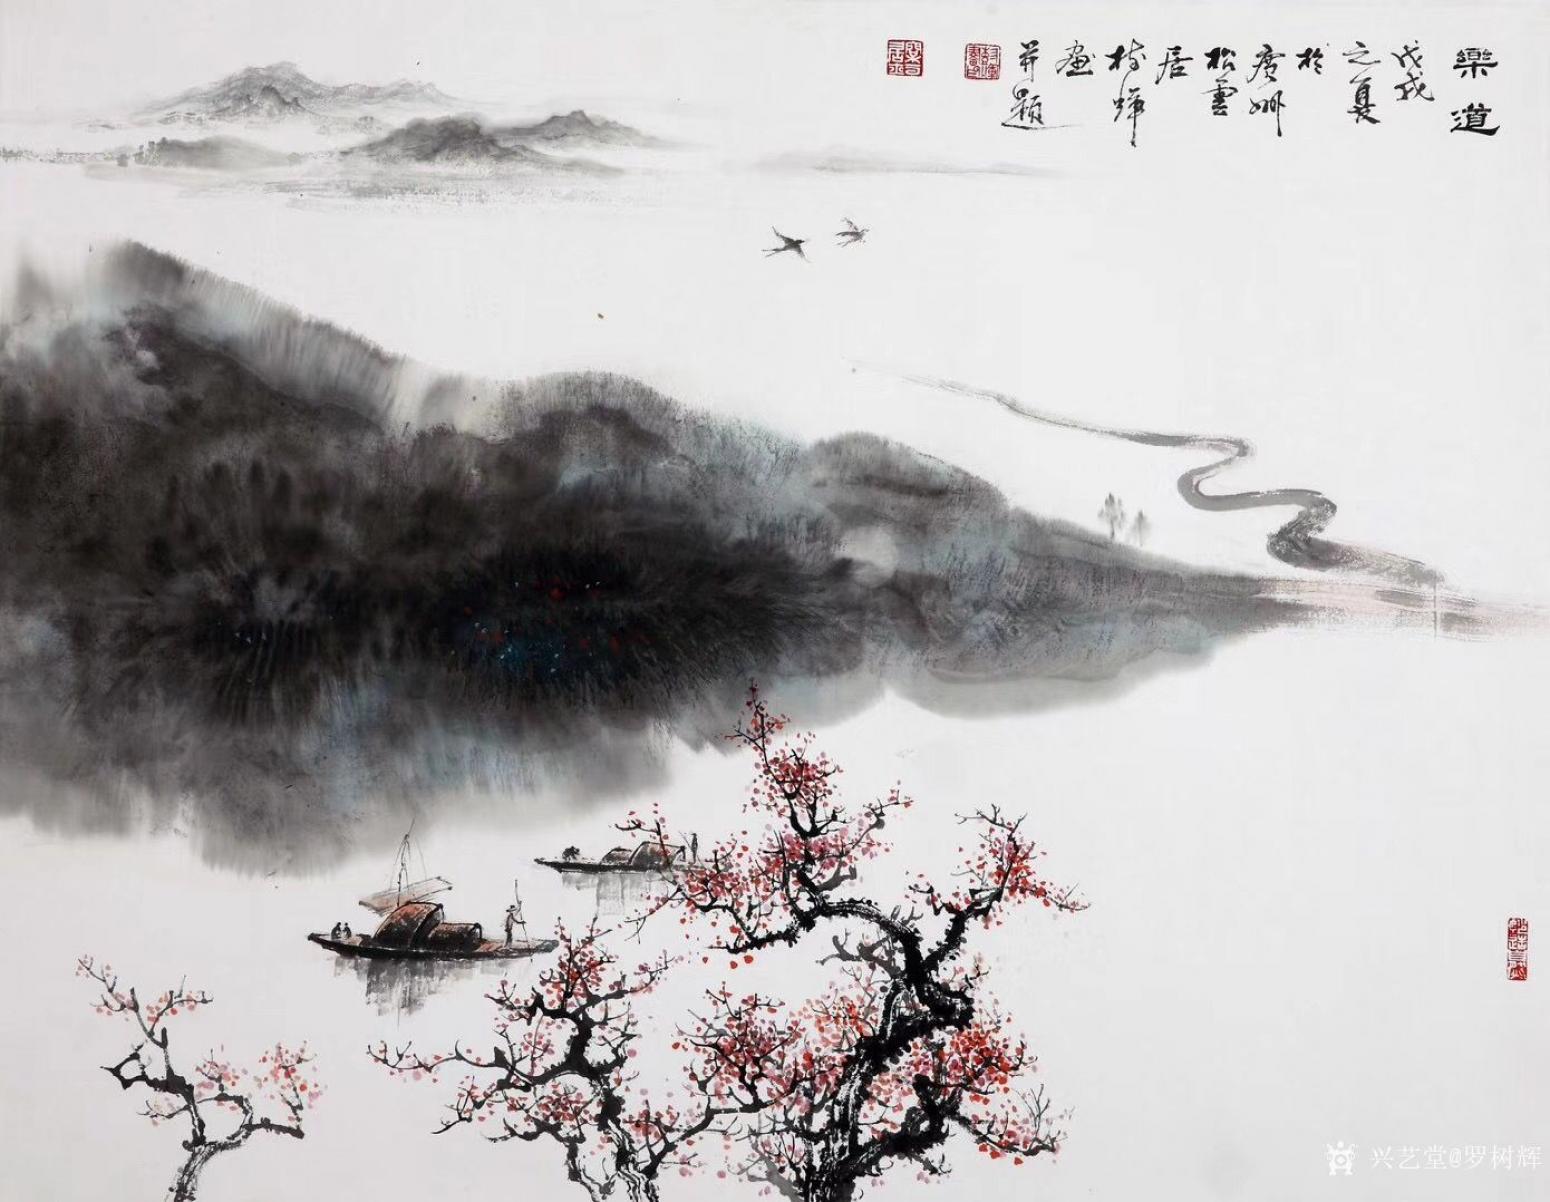 罗树辉国画作品《禅妙》